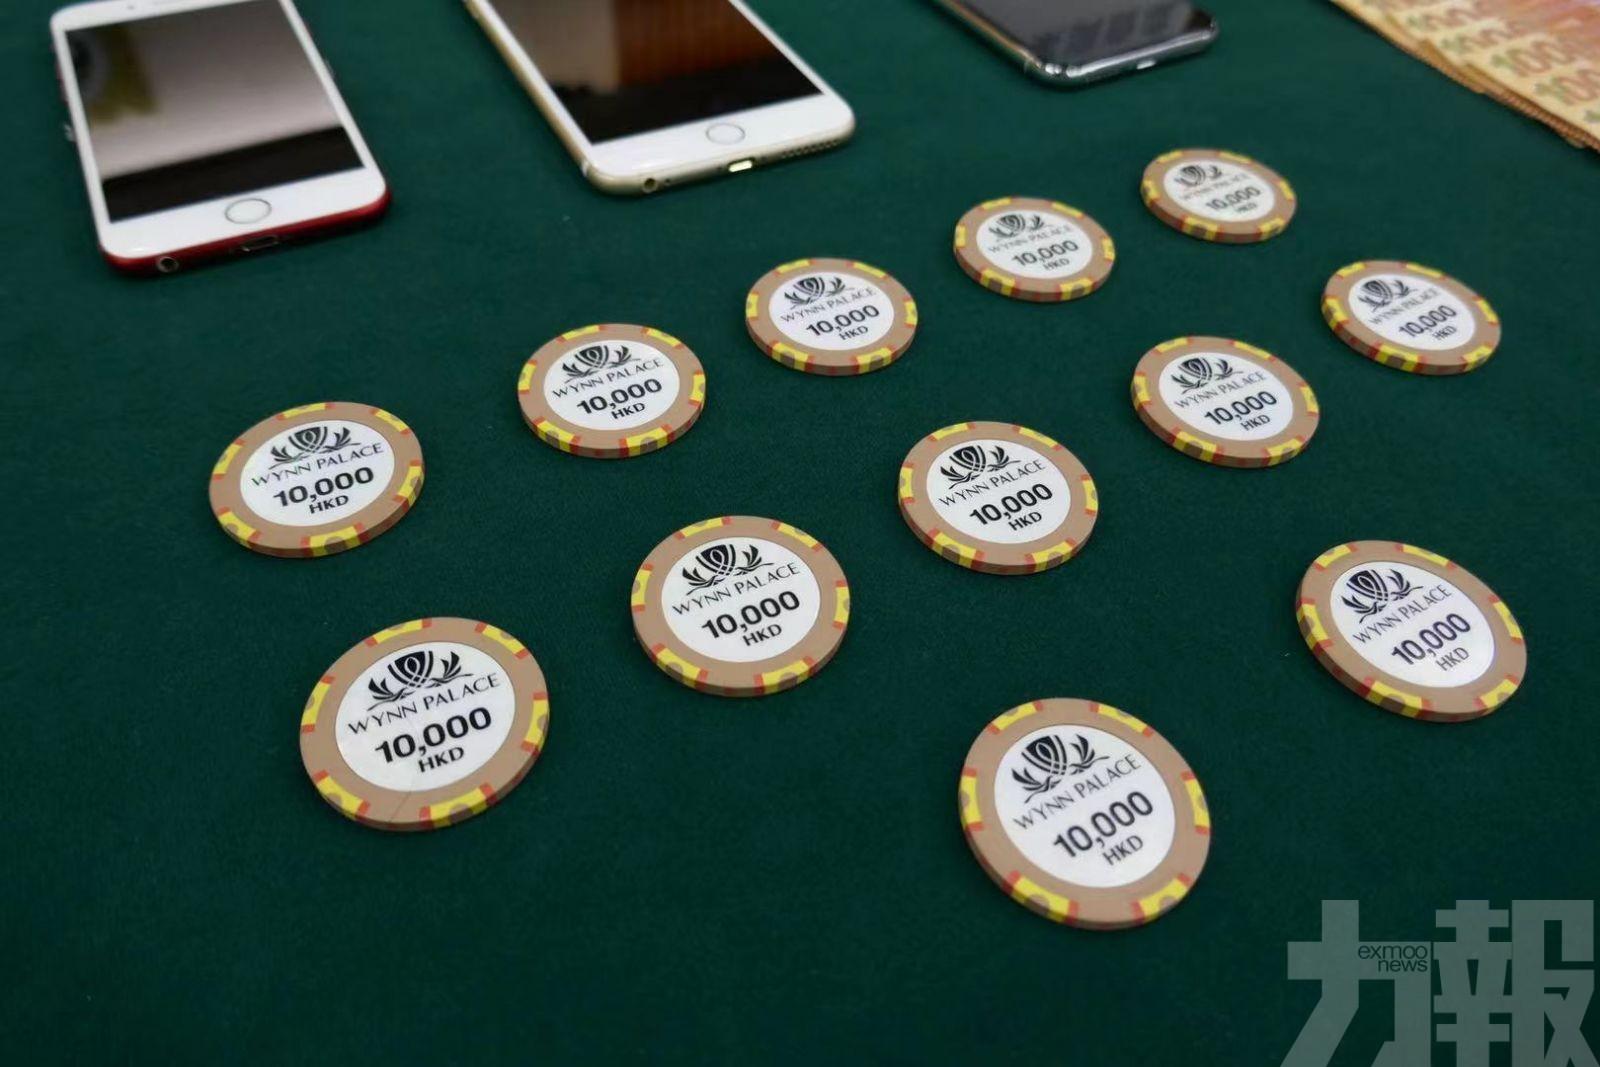 真莊荷假賭客操控賭局 謀騙賭場逾210萬